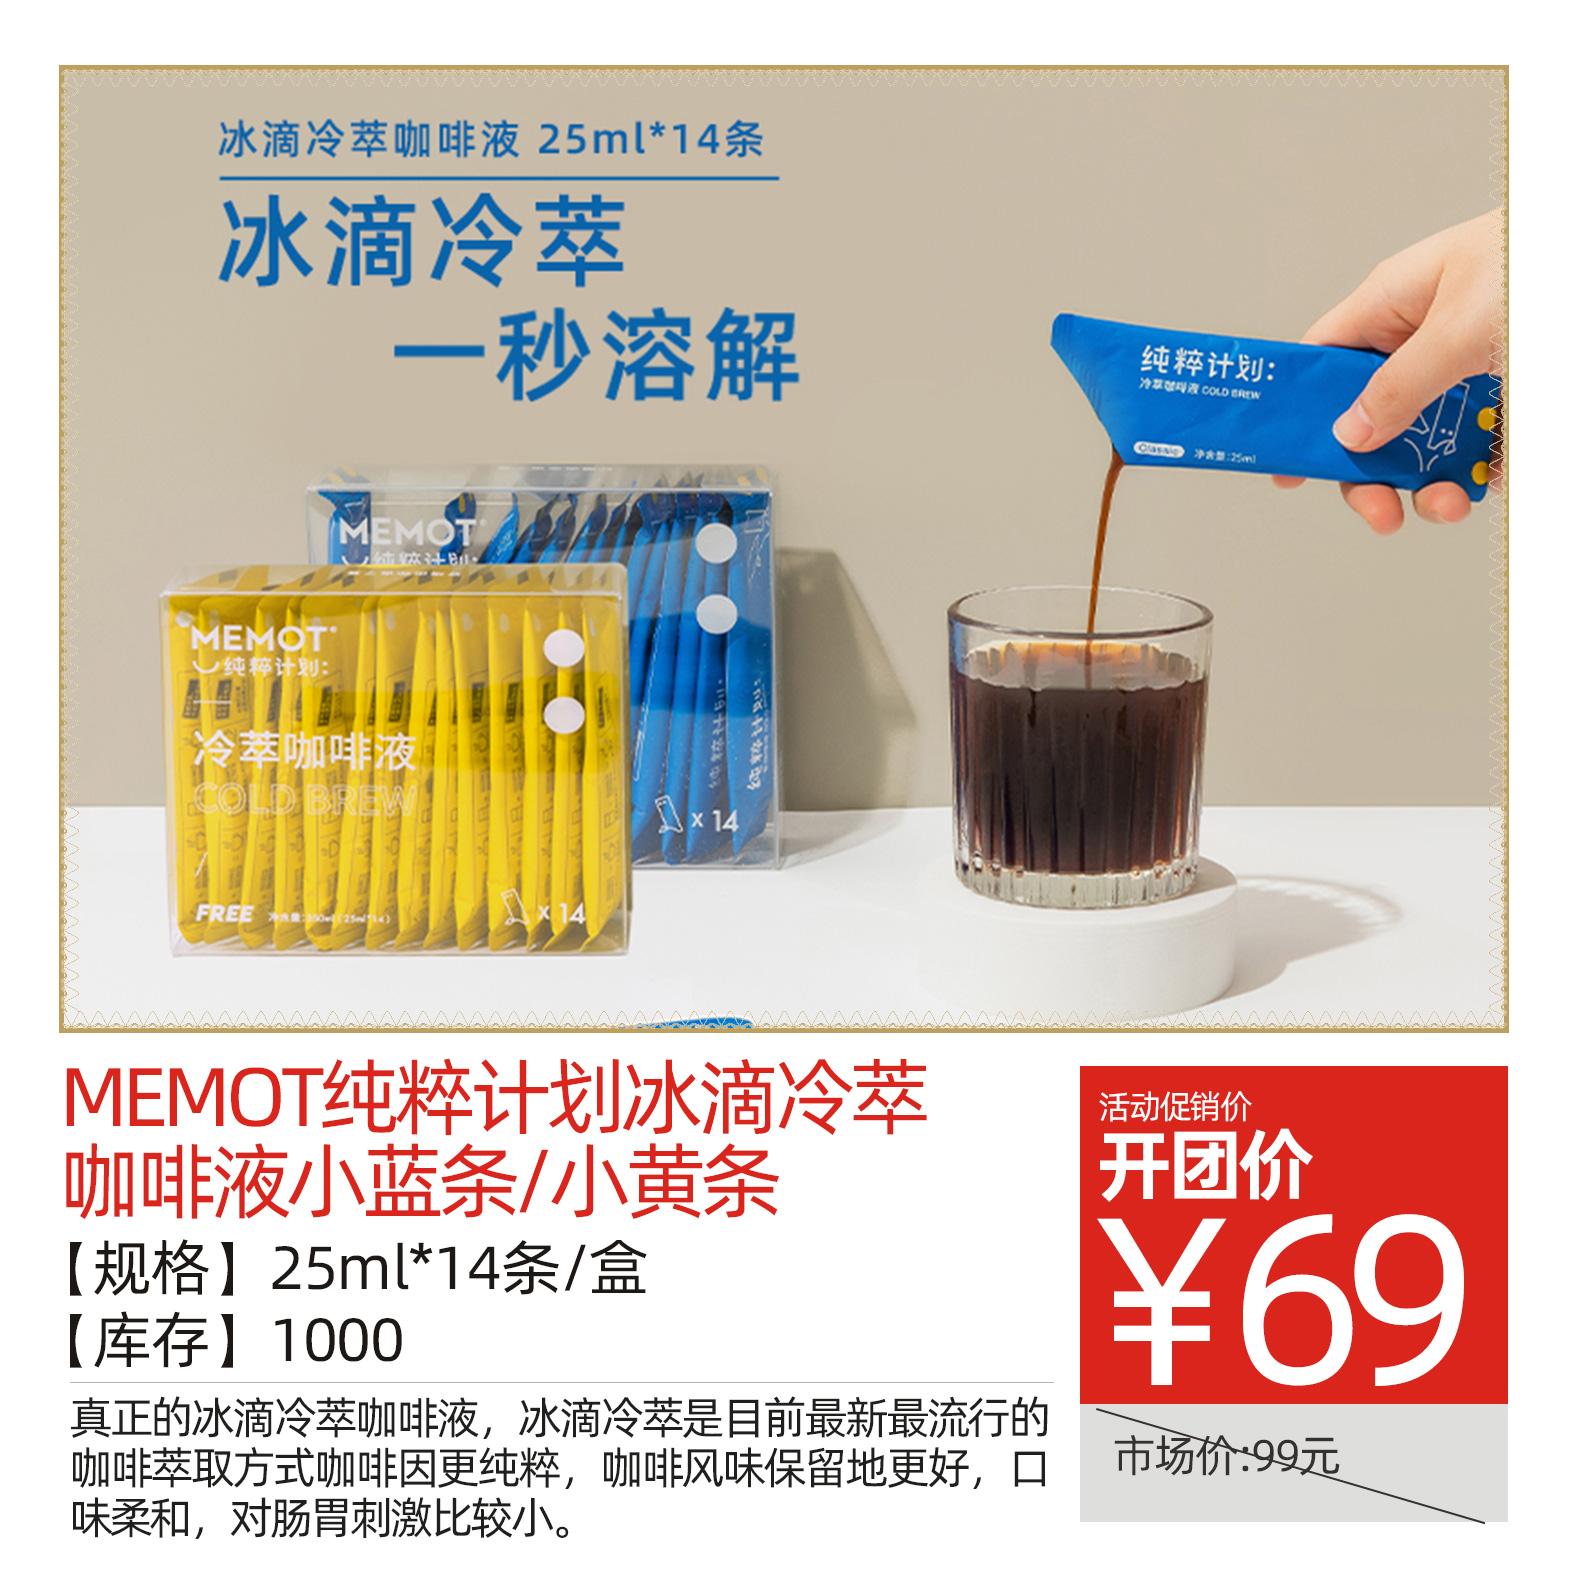 memot纯粹计划冰滴冷萃咖啡液小蓝条/小黄条